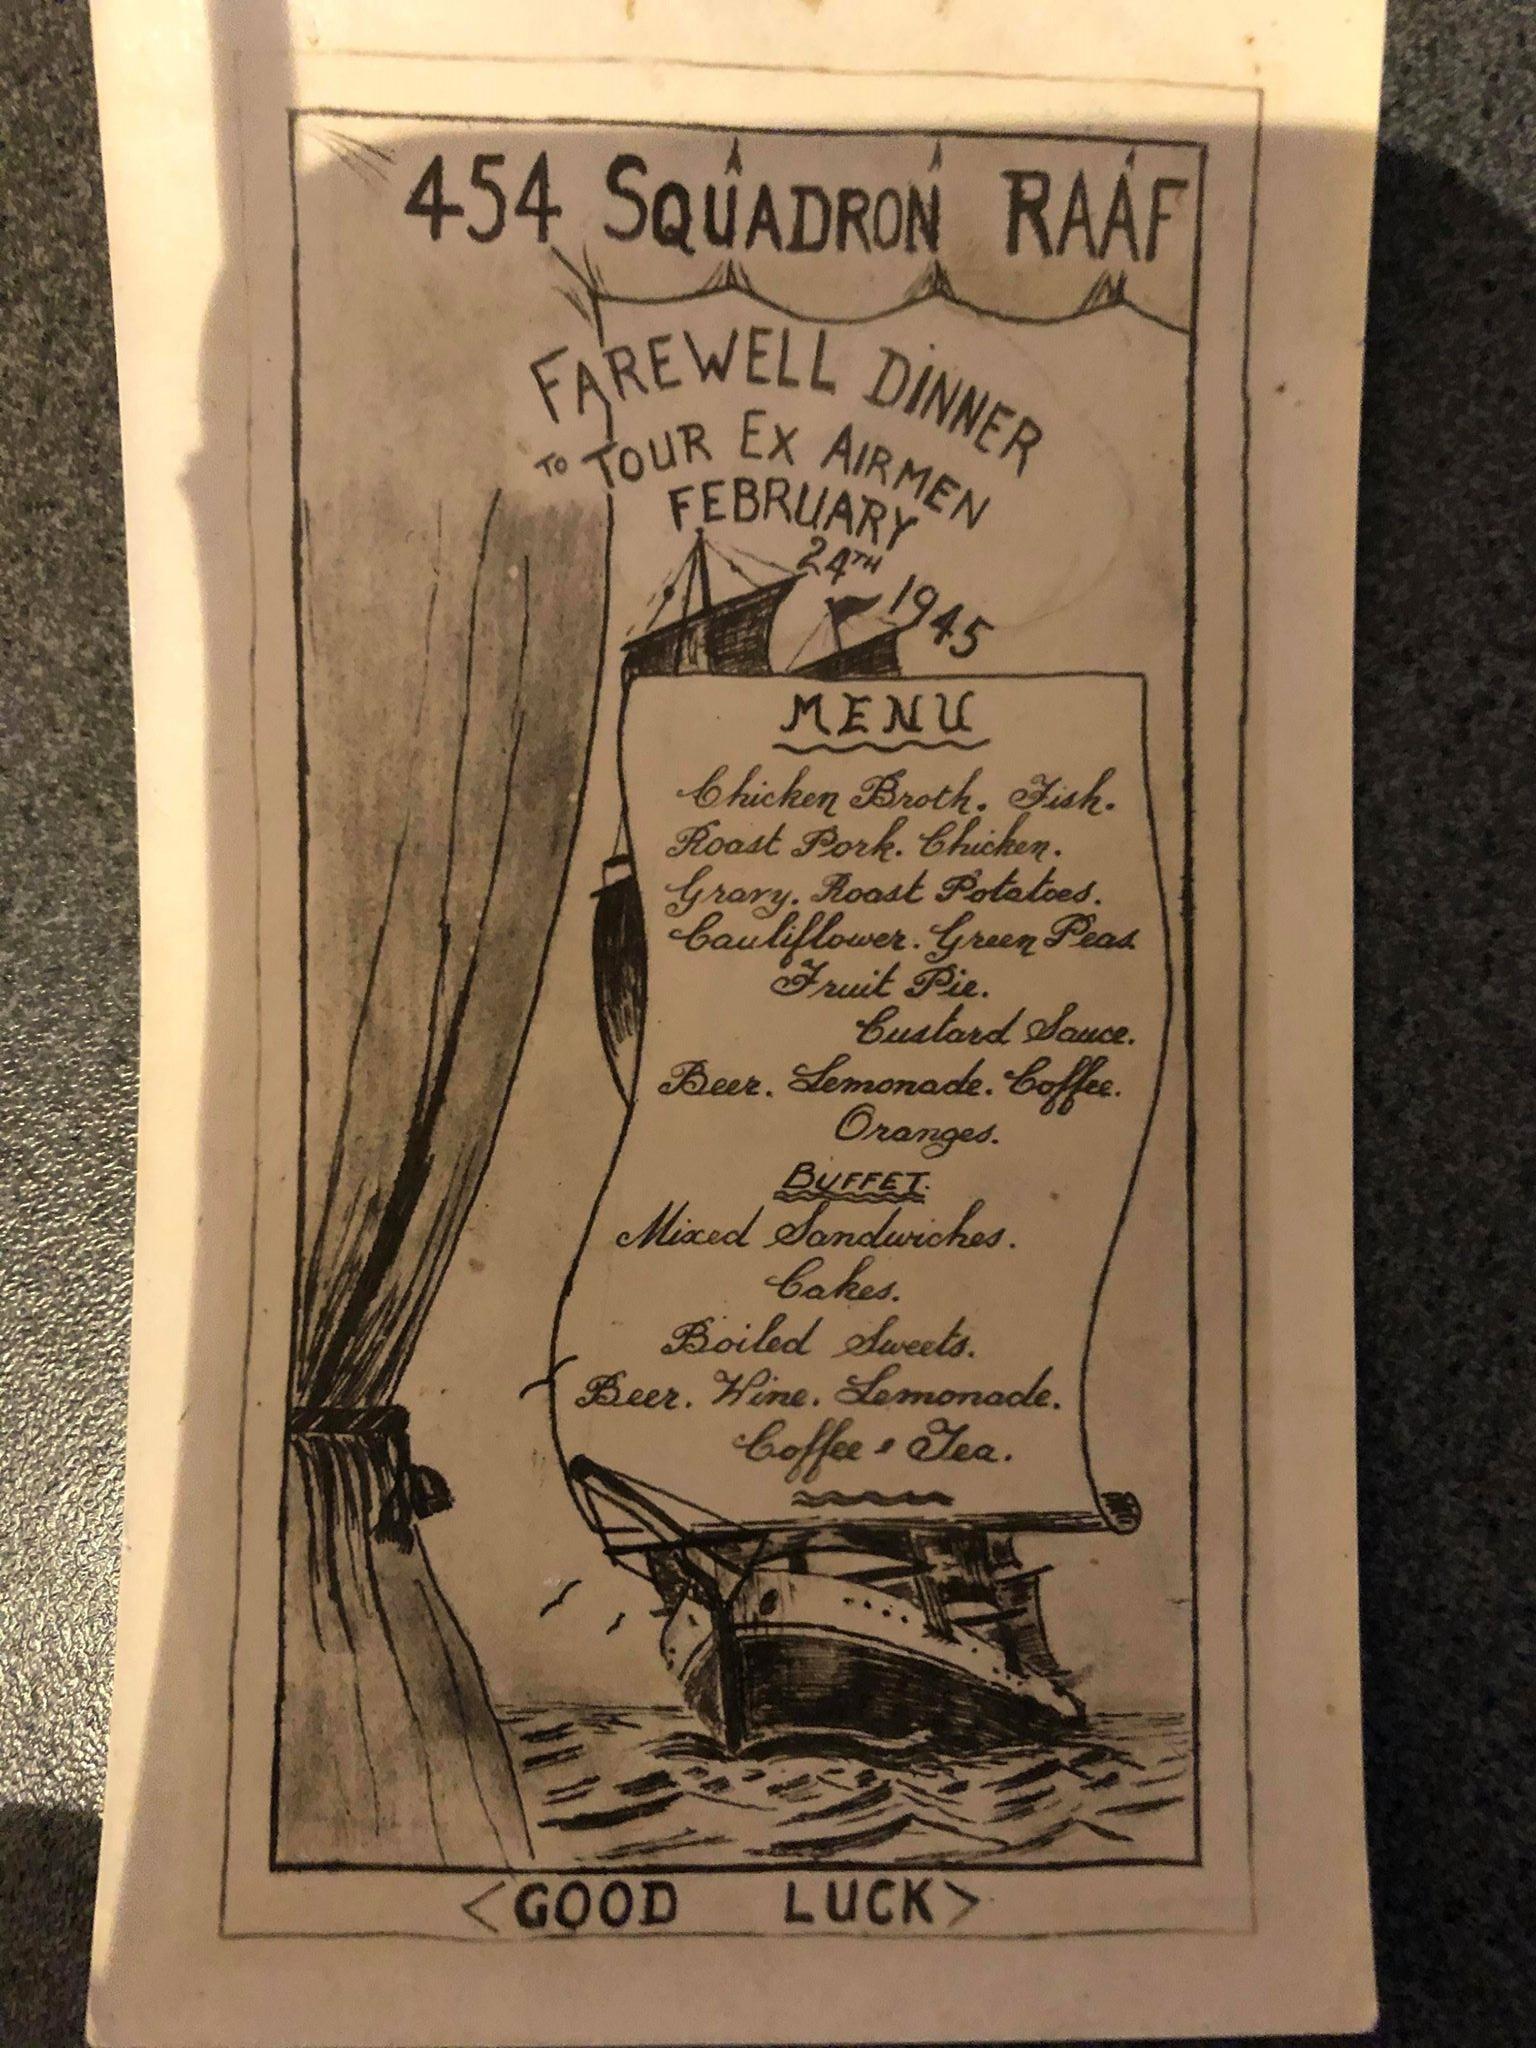 454 Sqn Farewell dinner Feb 1945